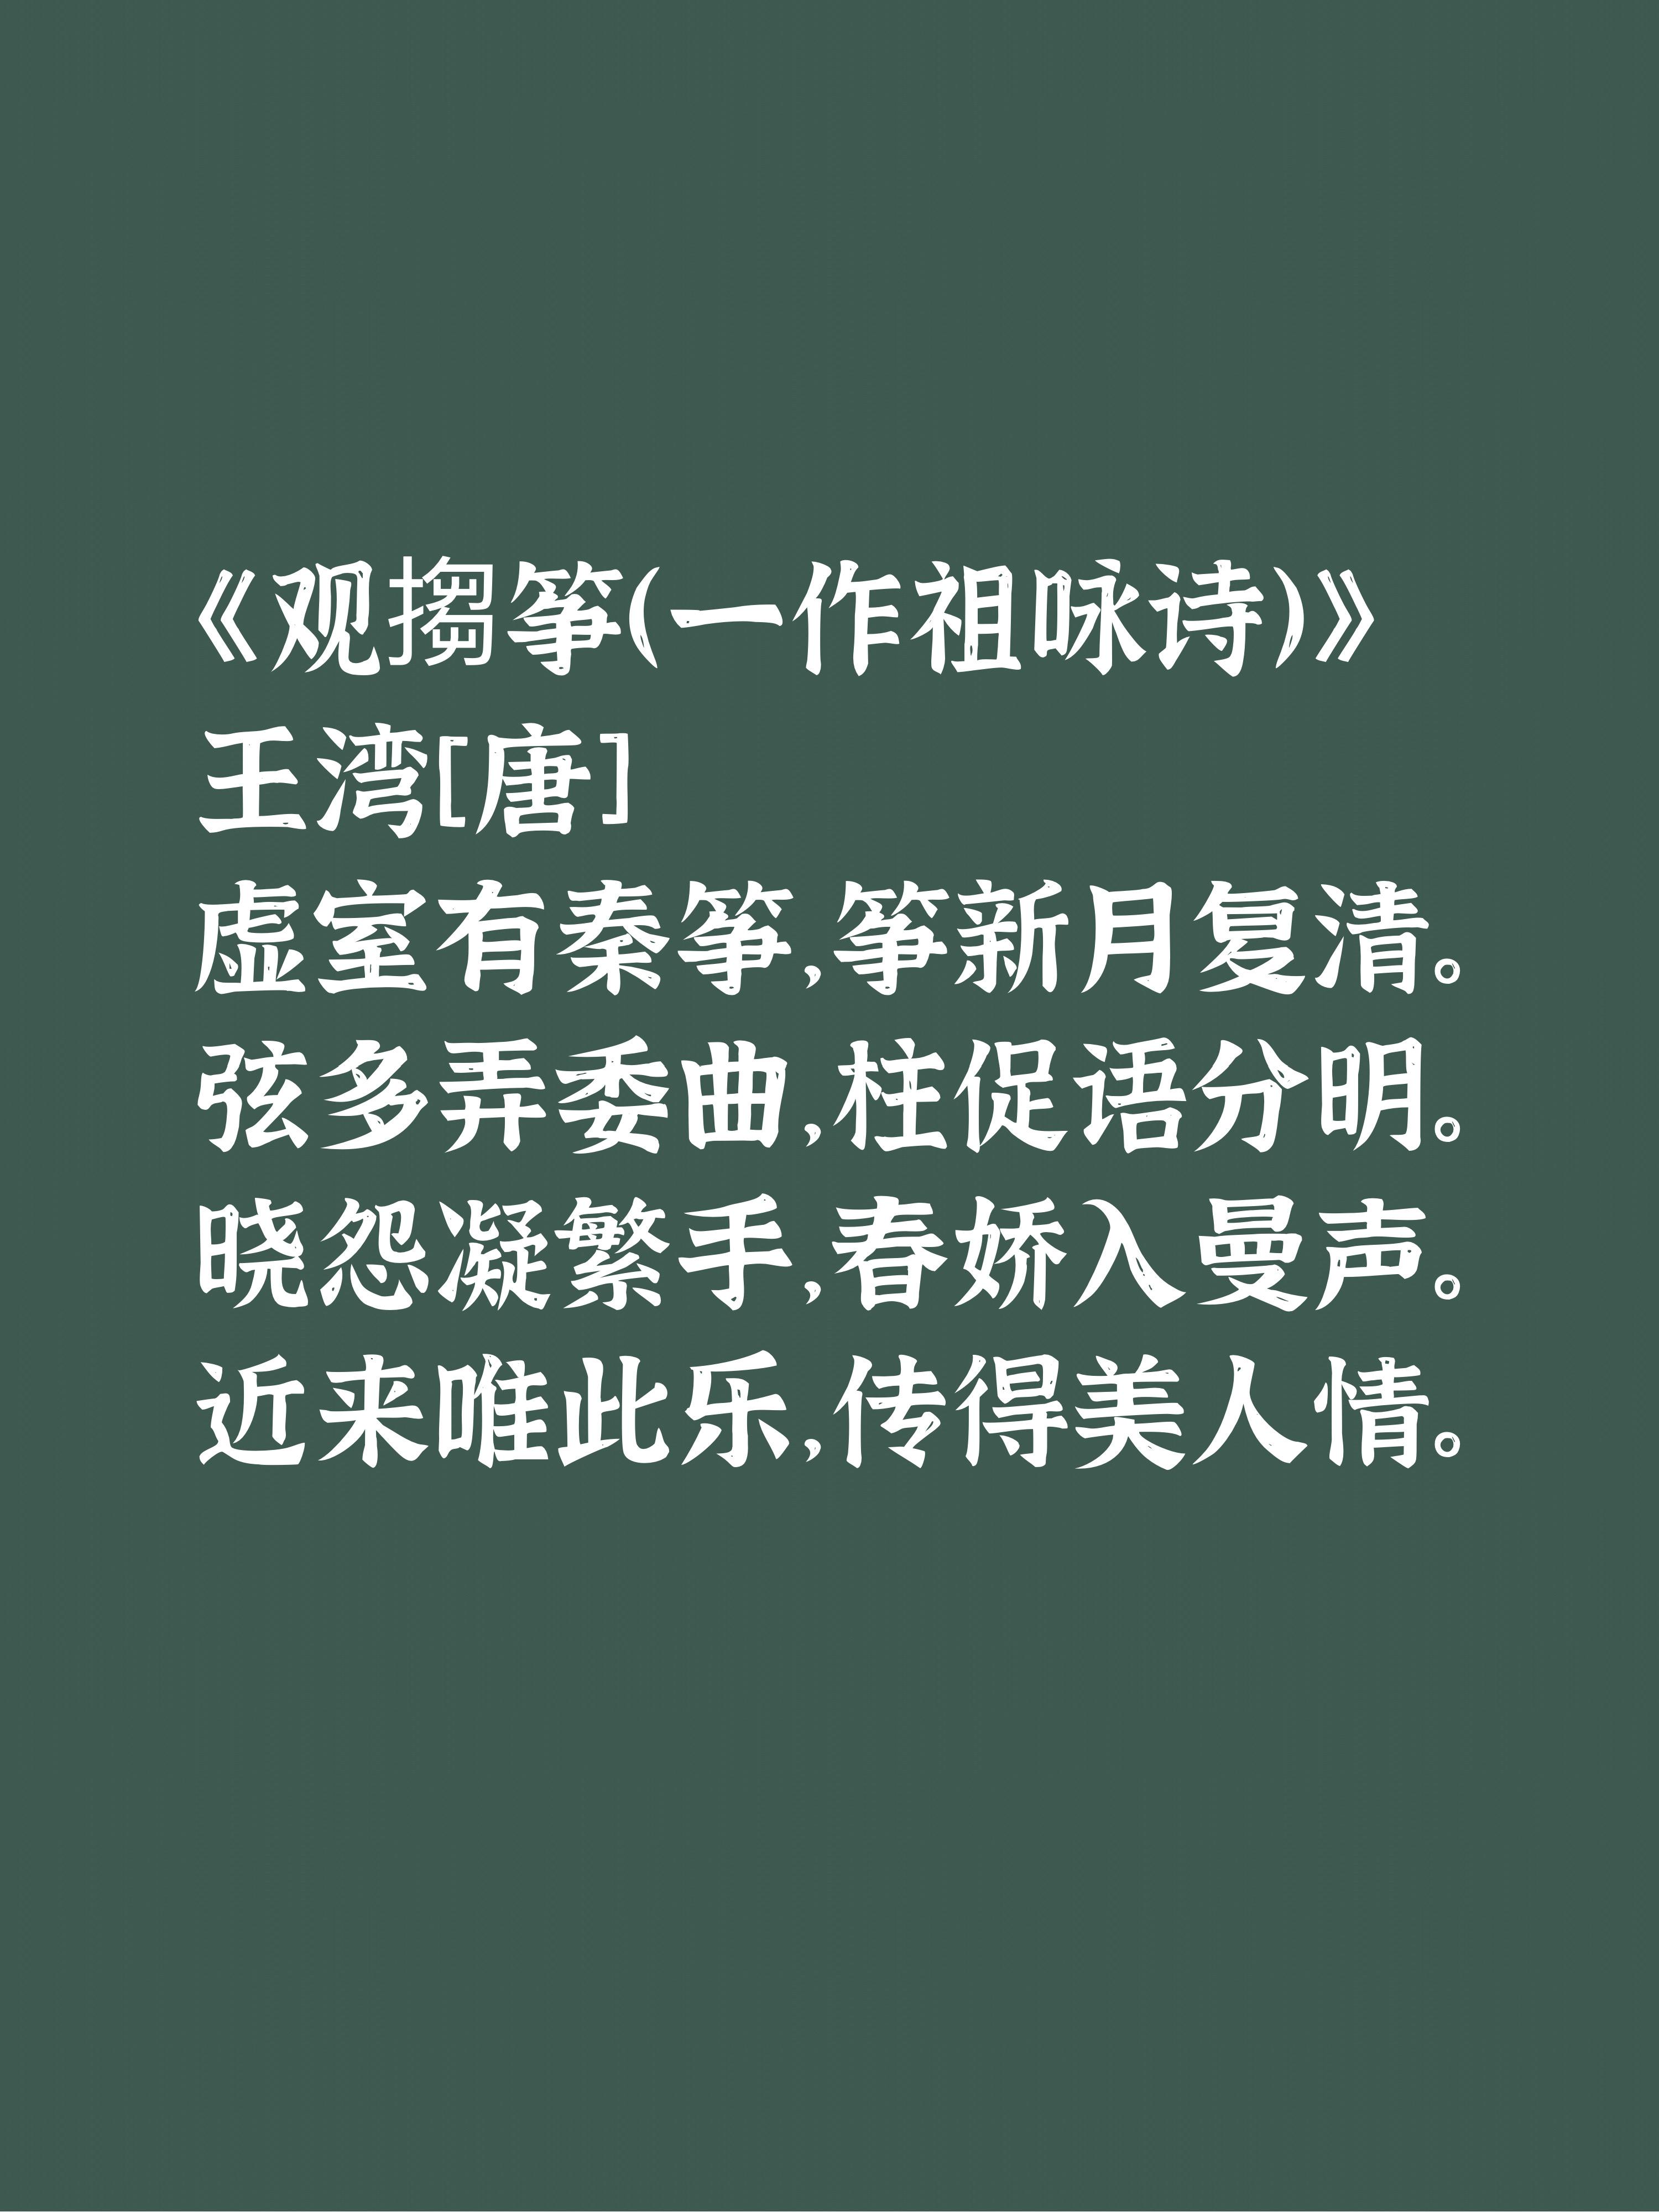 唐诗人王湾擅写山水诗,细品给人豪迈雄壮之感,又有清新秀丽之美